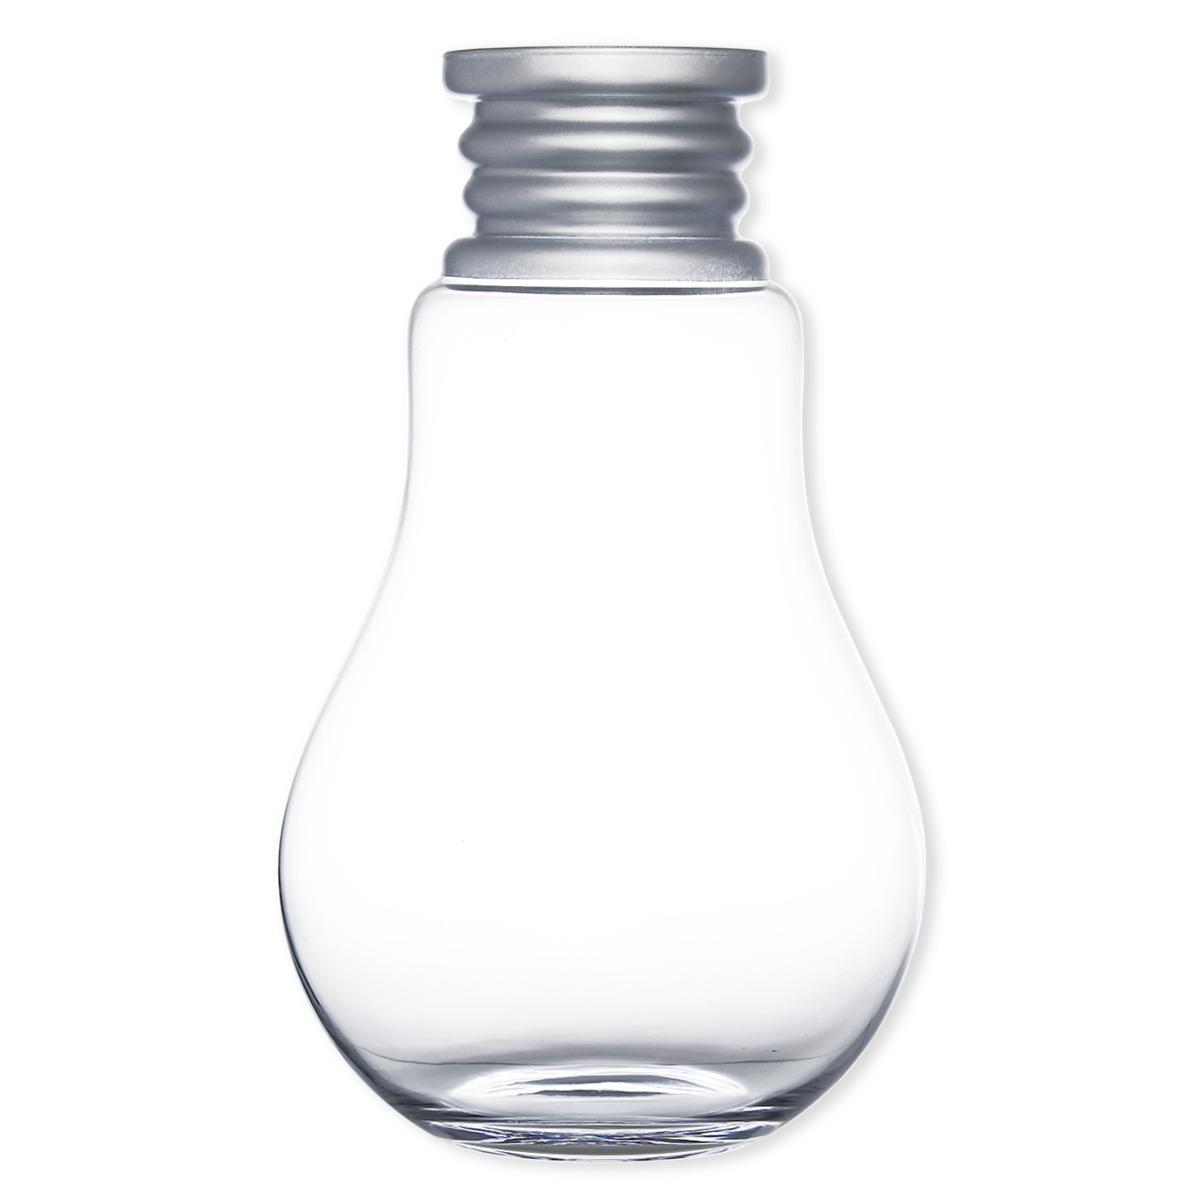 vase forme ampoule en verre souffl 46cm vase d co. Black Bedroom Furniture Sets. Home Design Ideas